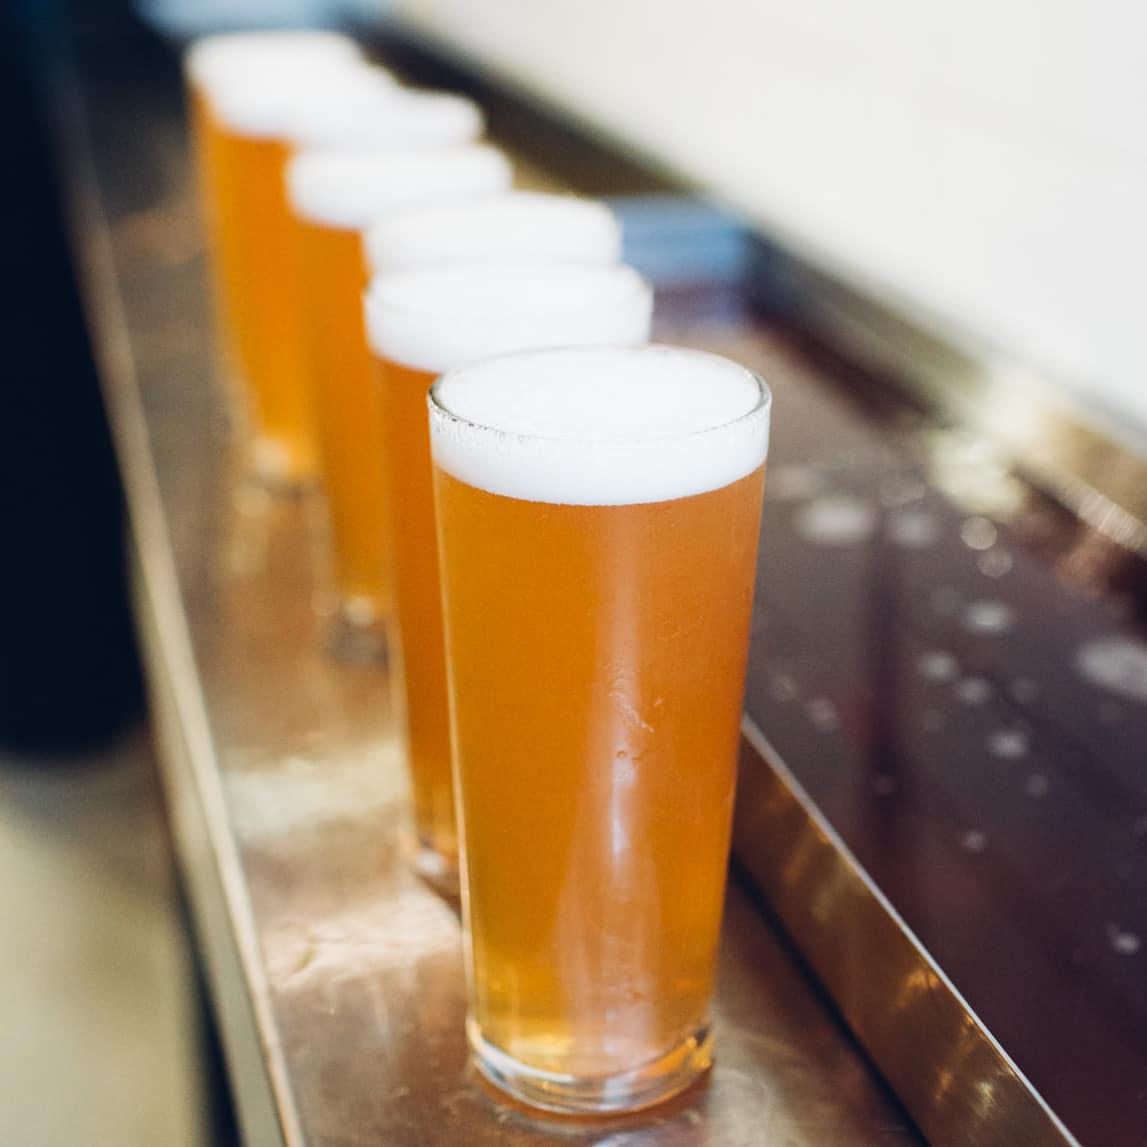 Geelong Brewery